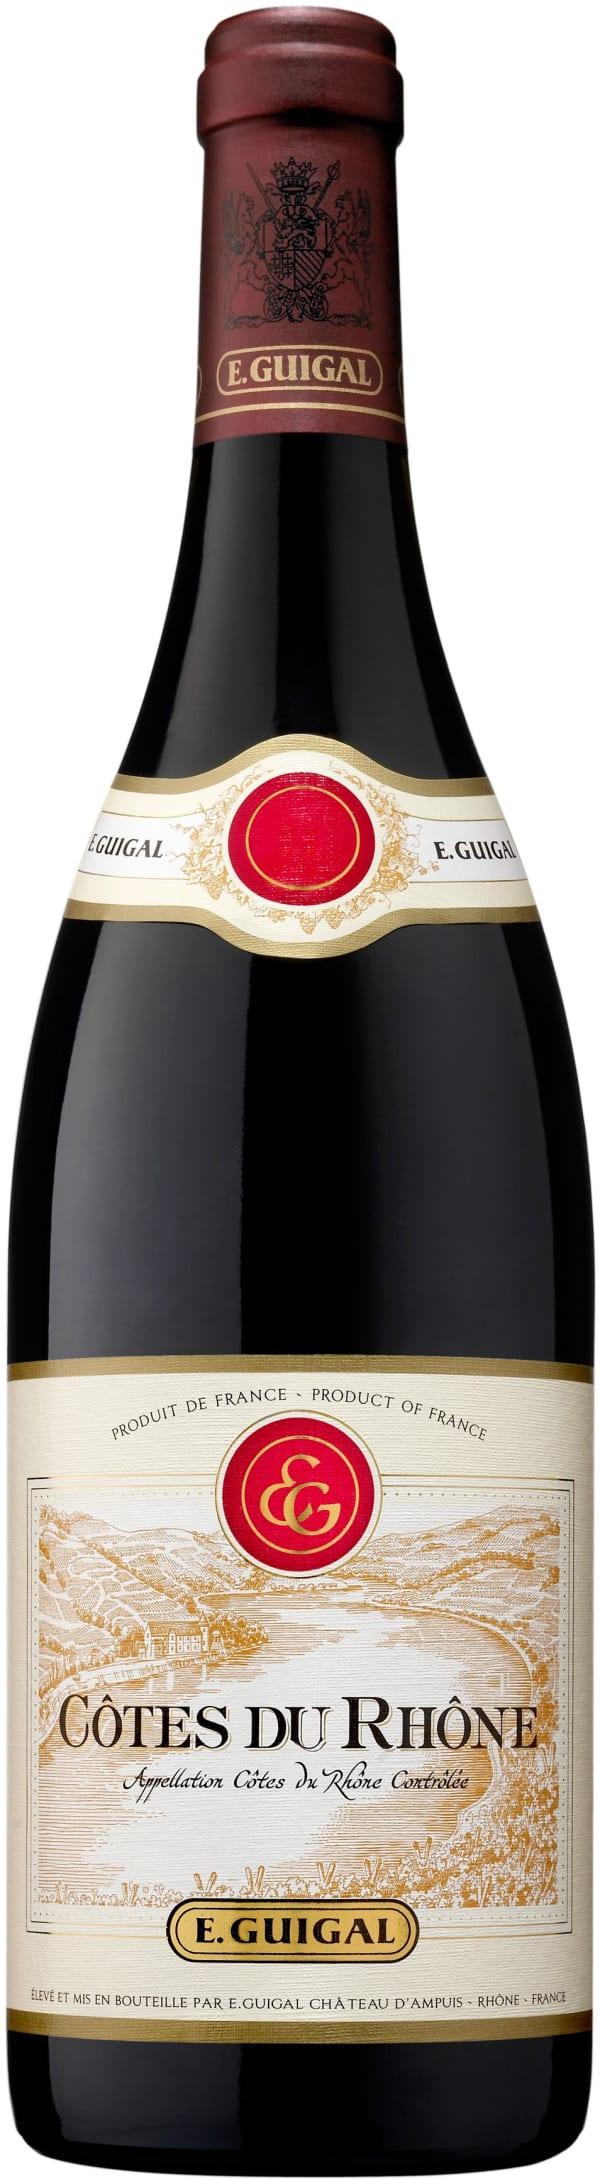 Guigal Côtes du Rhône 2013